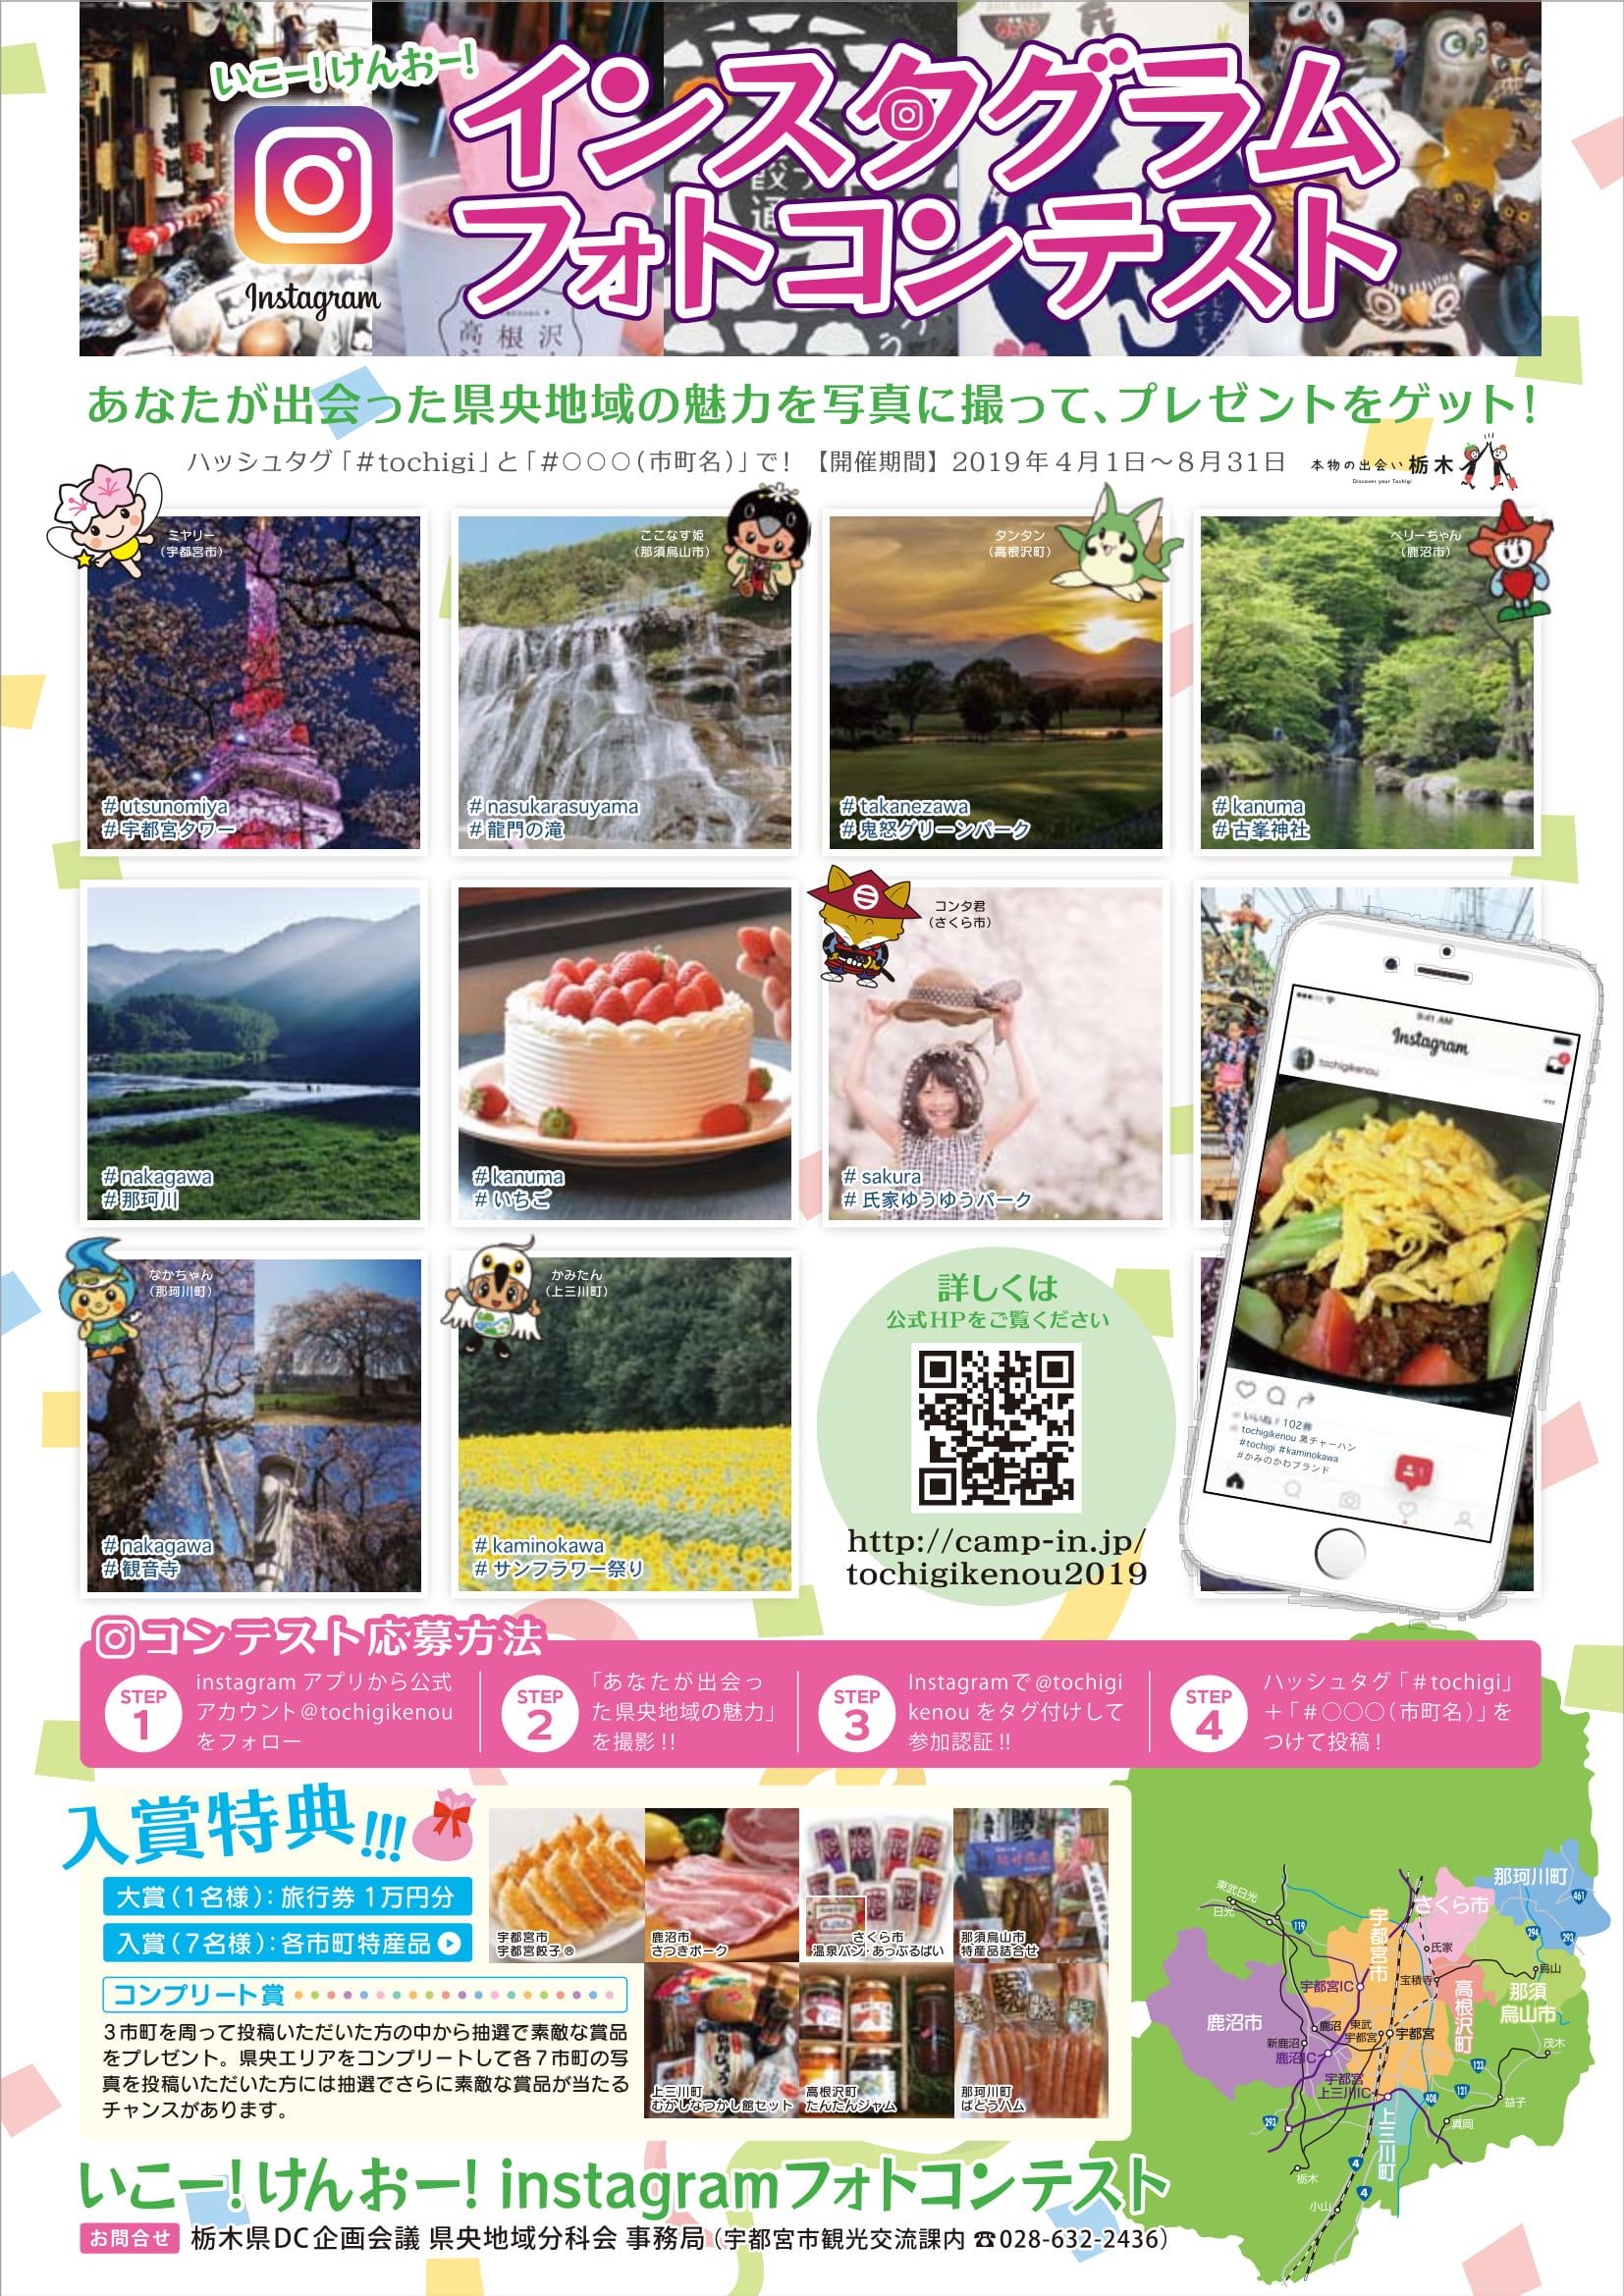 【2019/4/1~8/31】いこー!けんおー!instagramフォトコンテスト